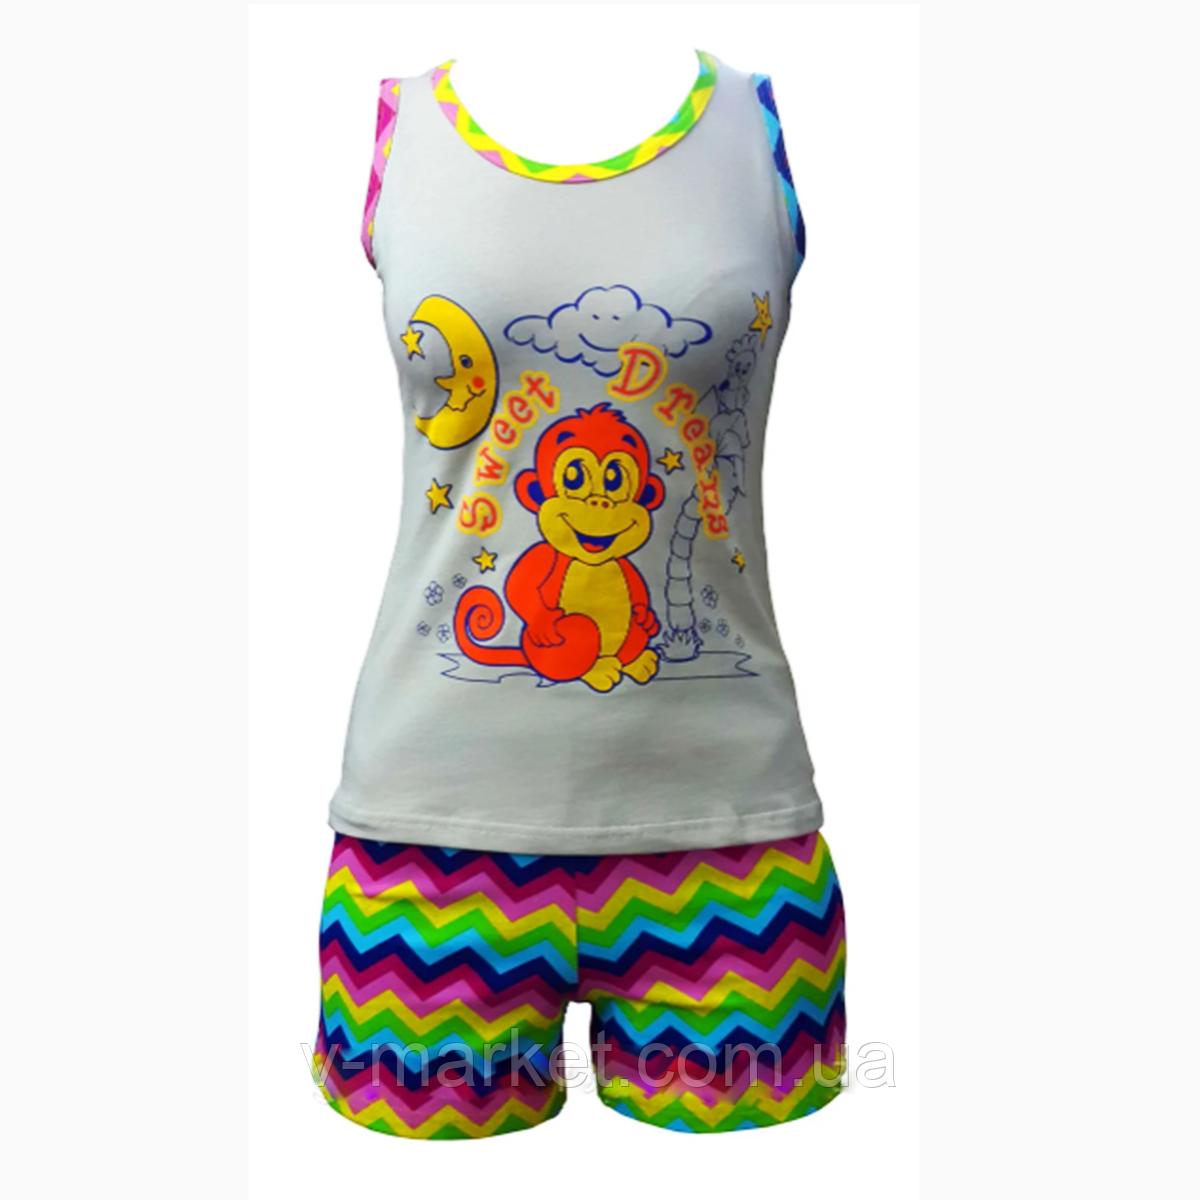 Летняя пижама женская с шортами, ткань трикотаж, размер 42-52